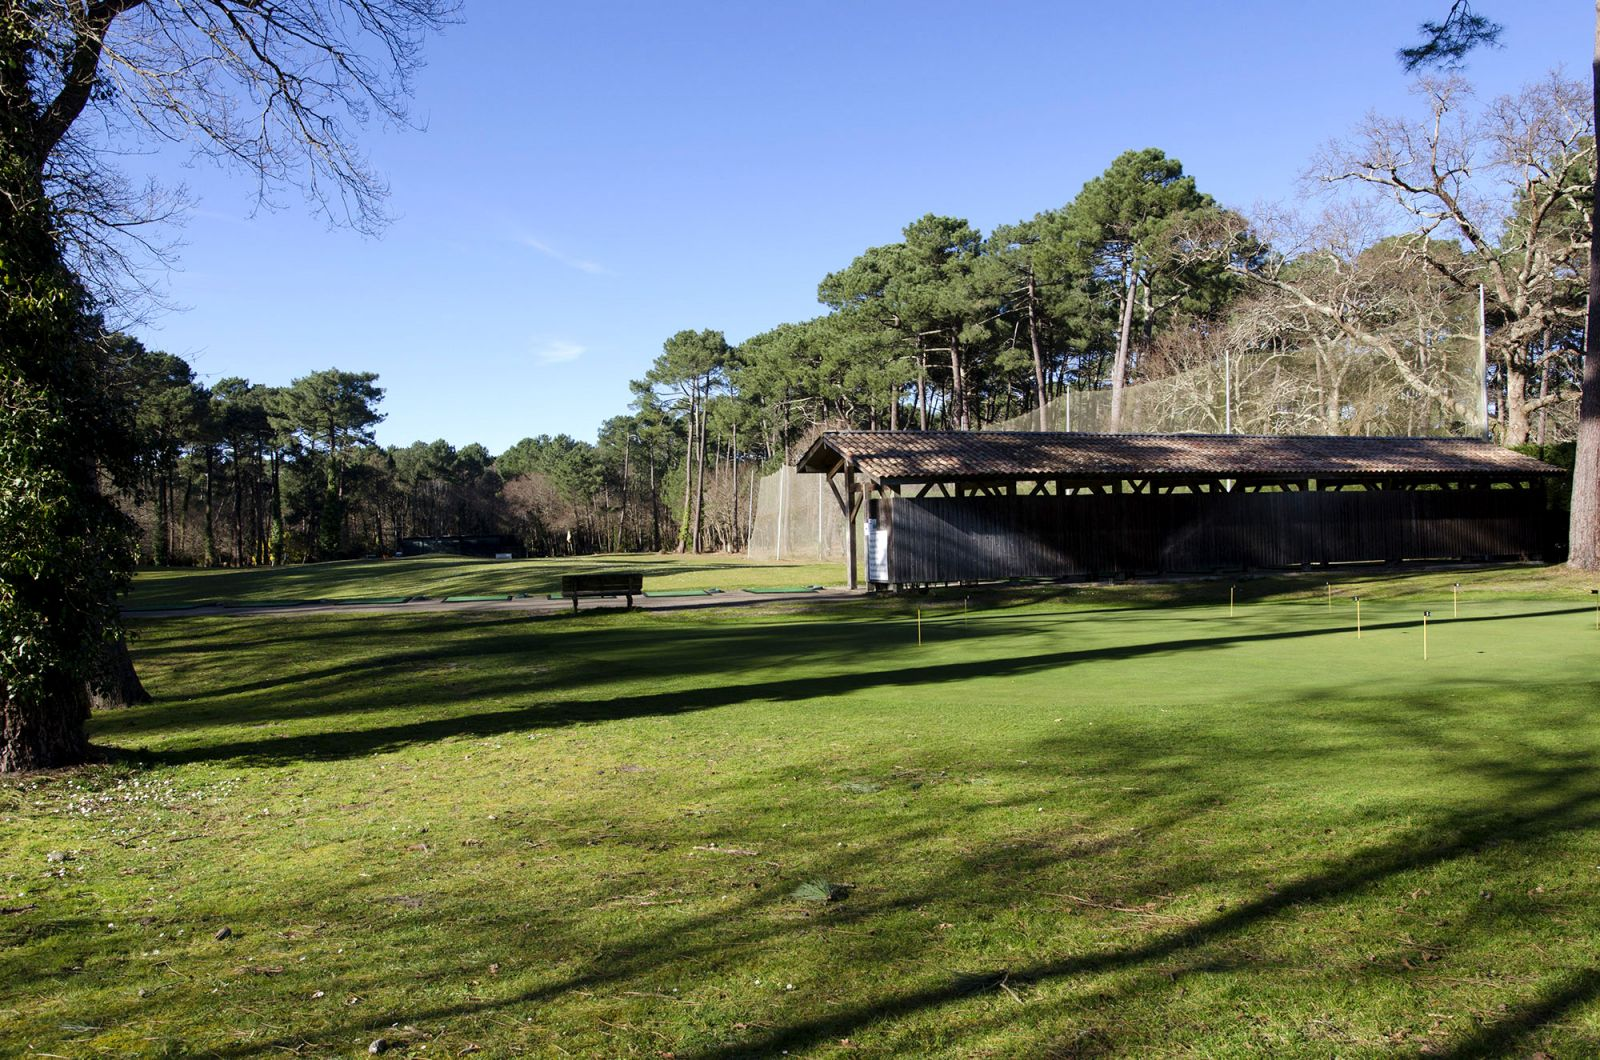 Practice du golf de Biscarrosse dans les Landes en Aquitaine